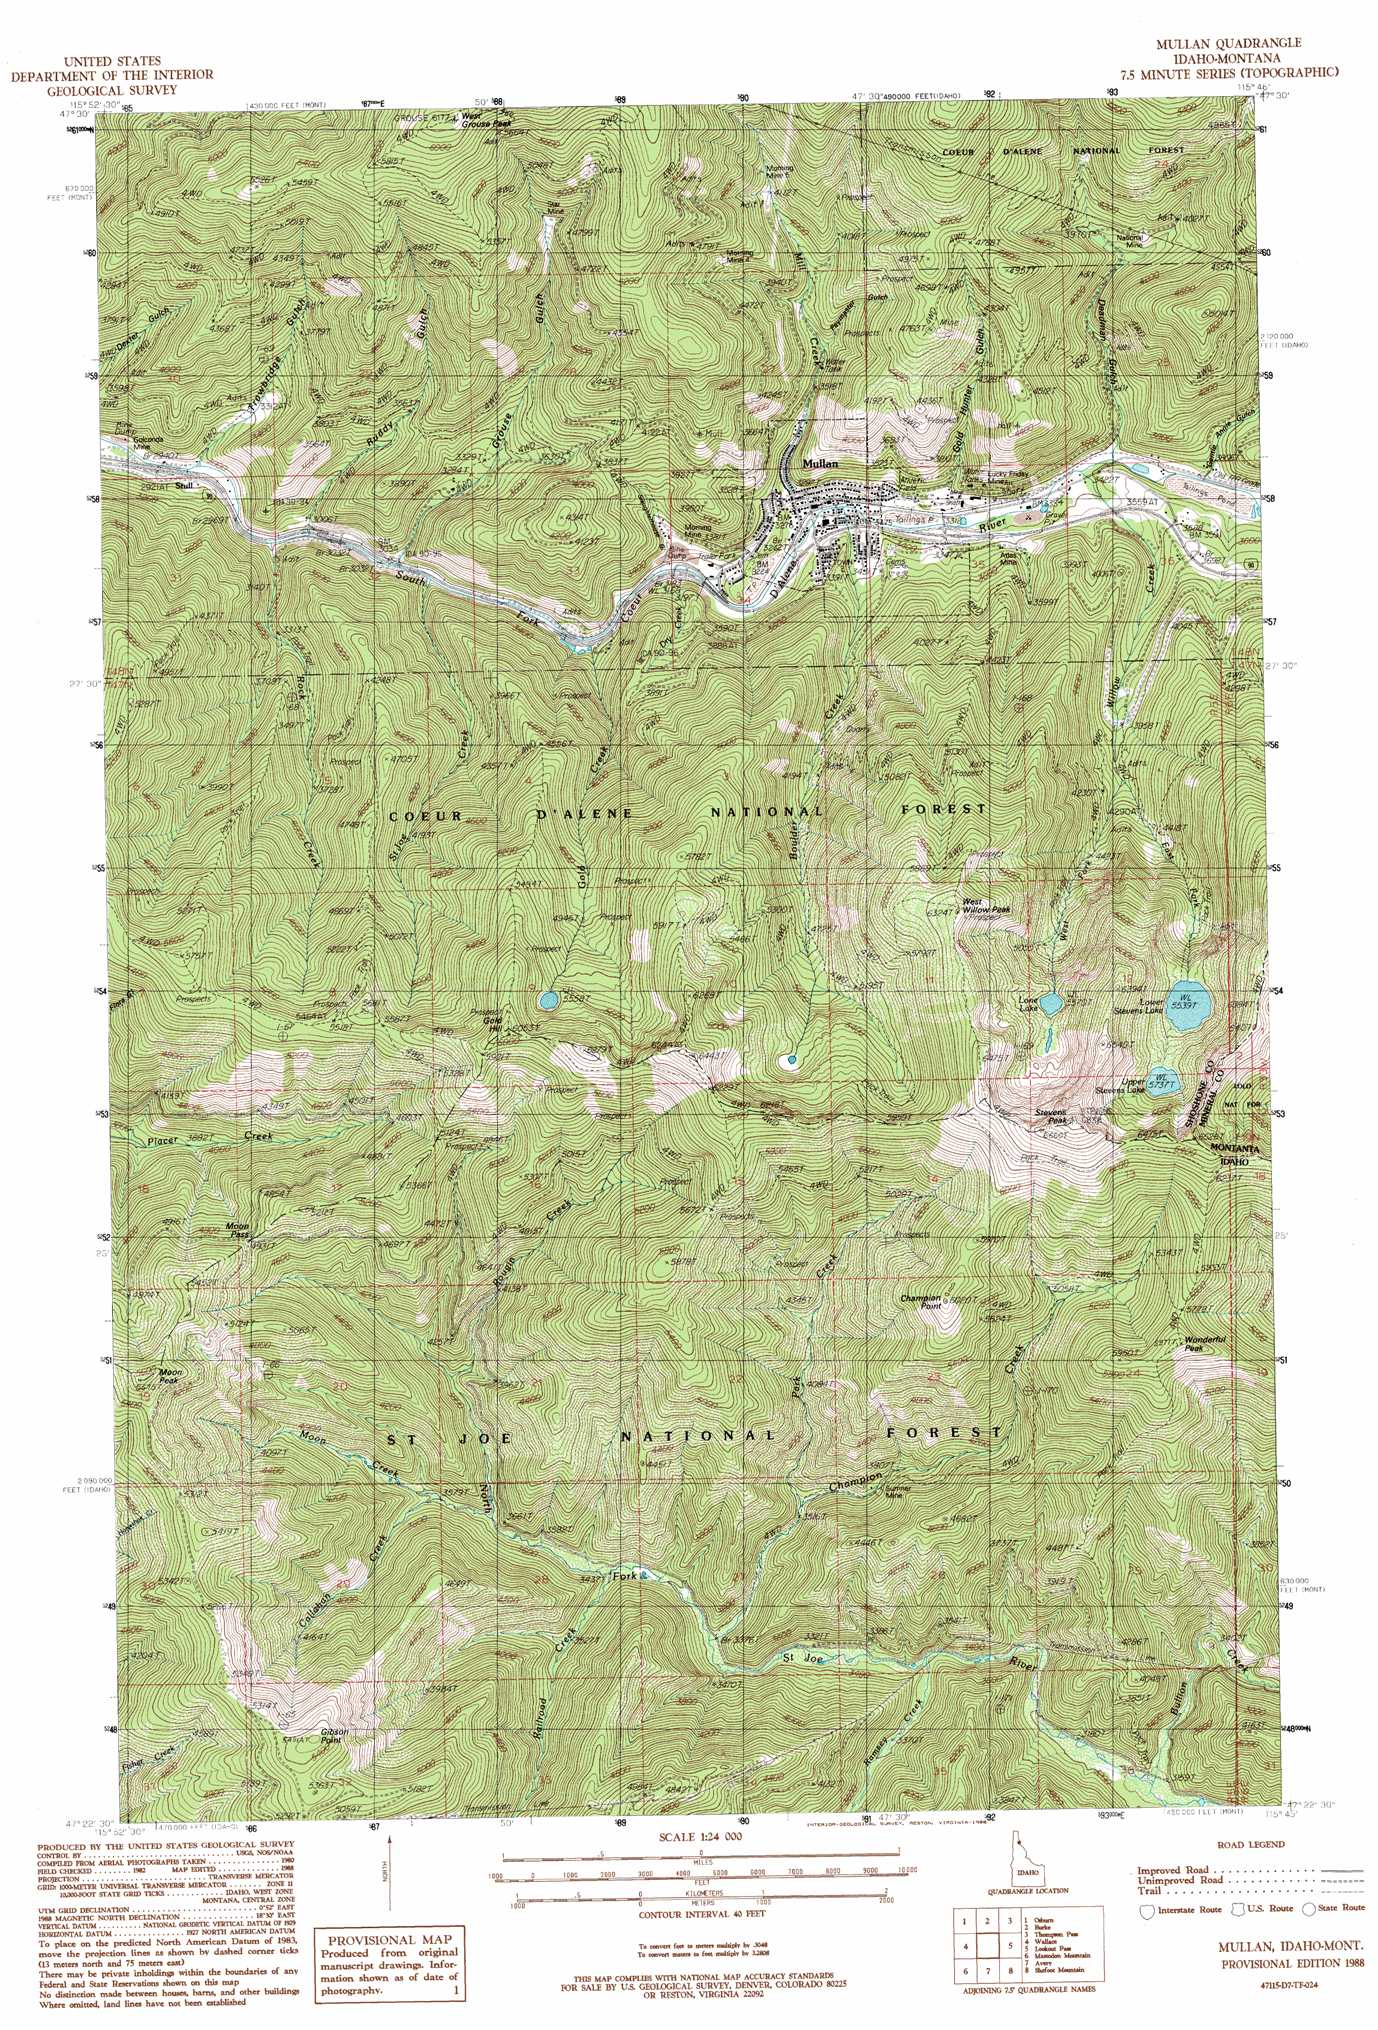 Mullan topographic map, ID, MT - USGS Topo Quad 47115d7